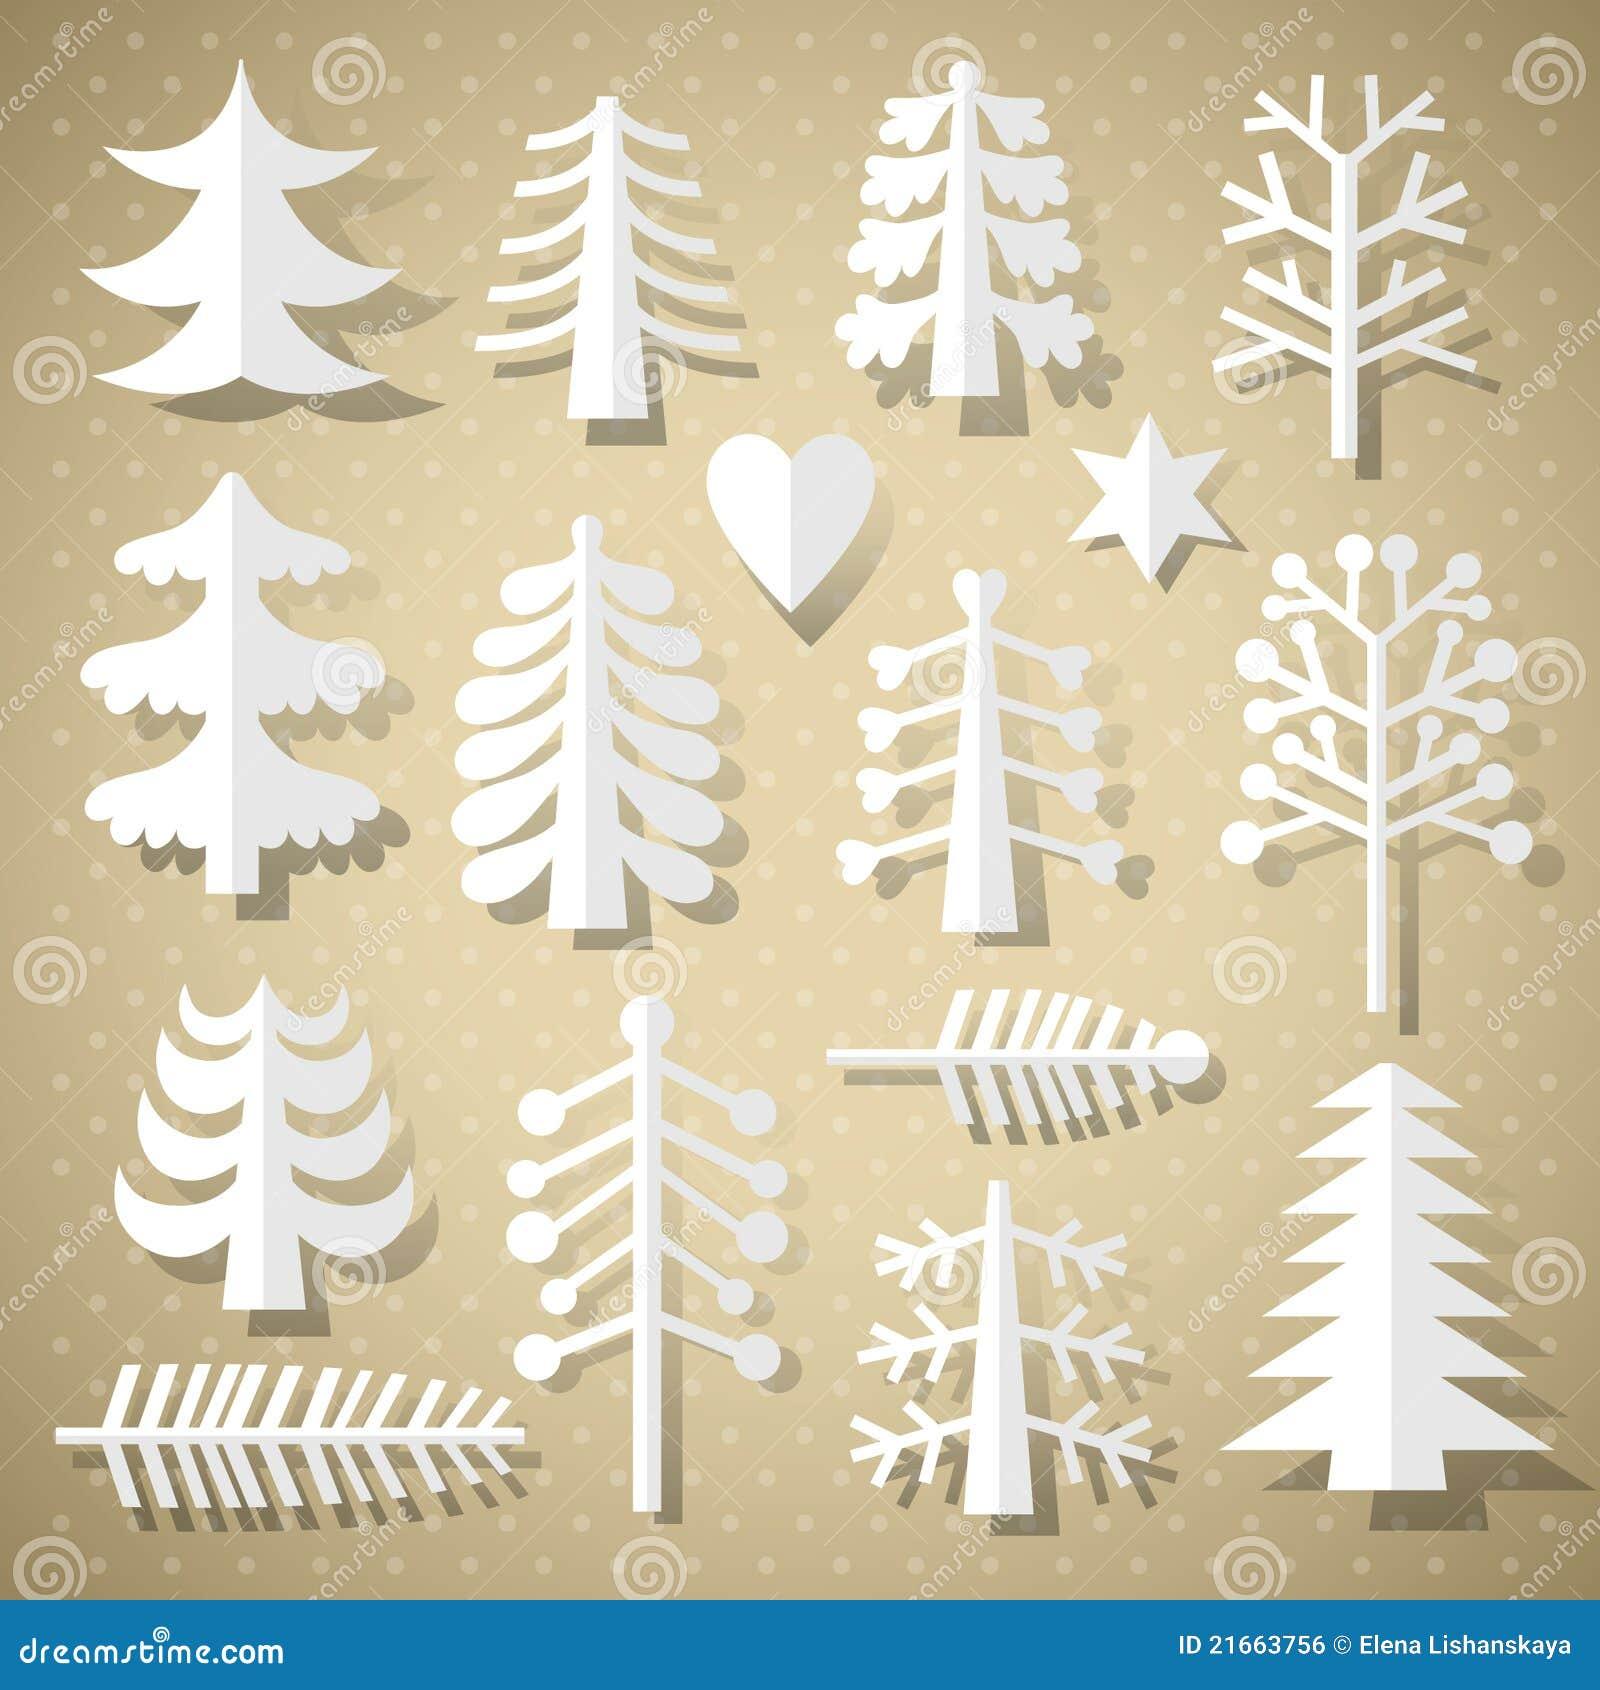 Вырезаем деревья из бумаги своими руками